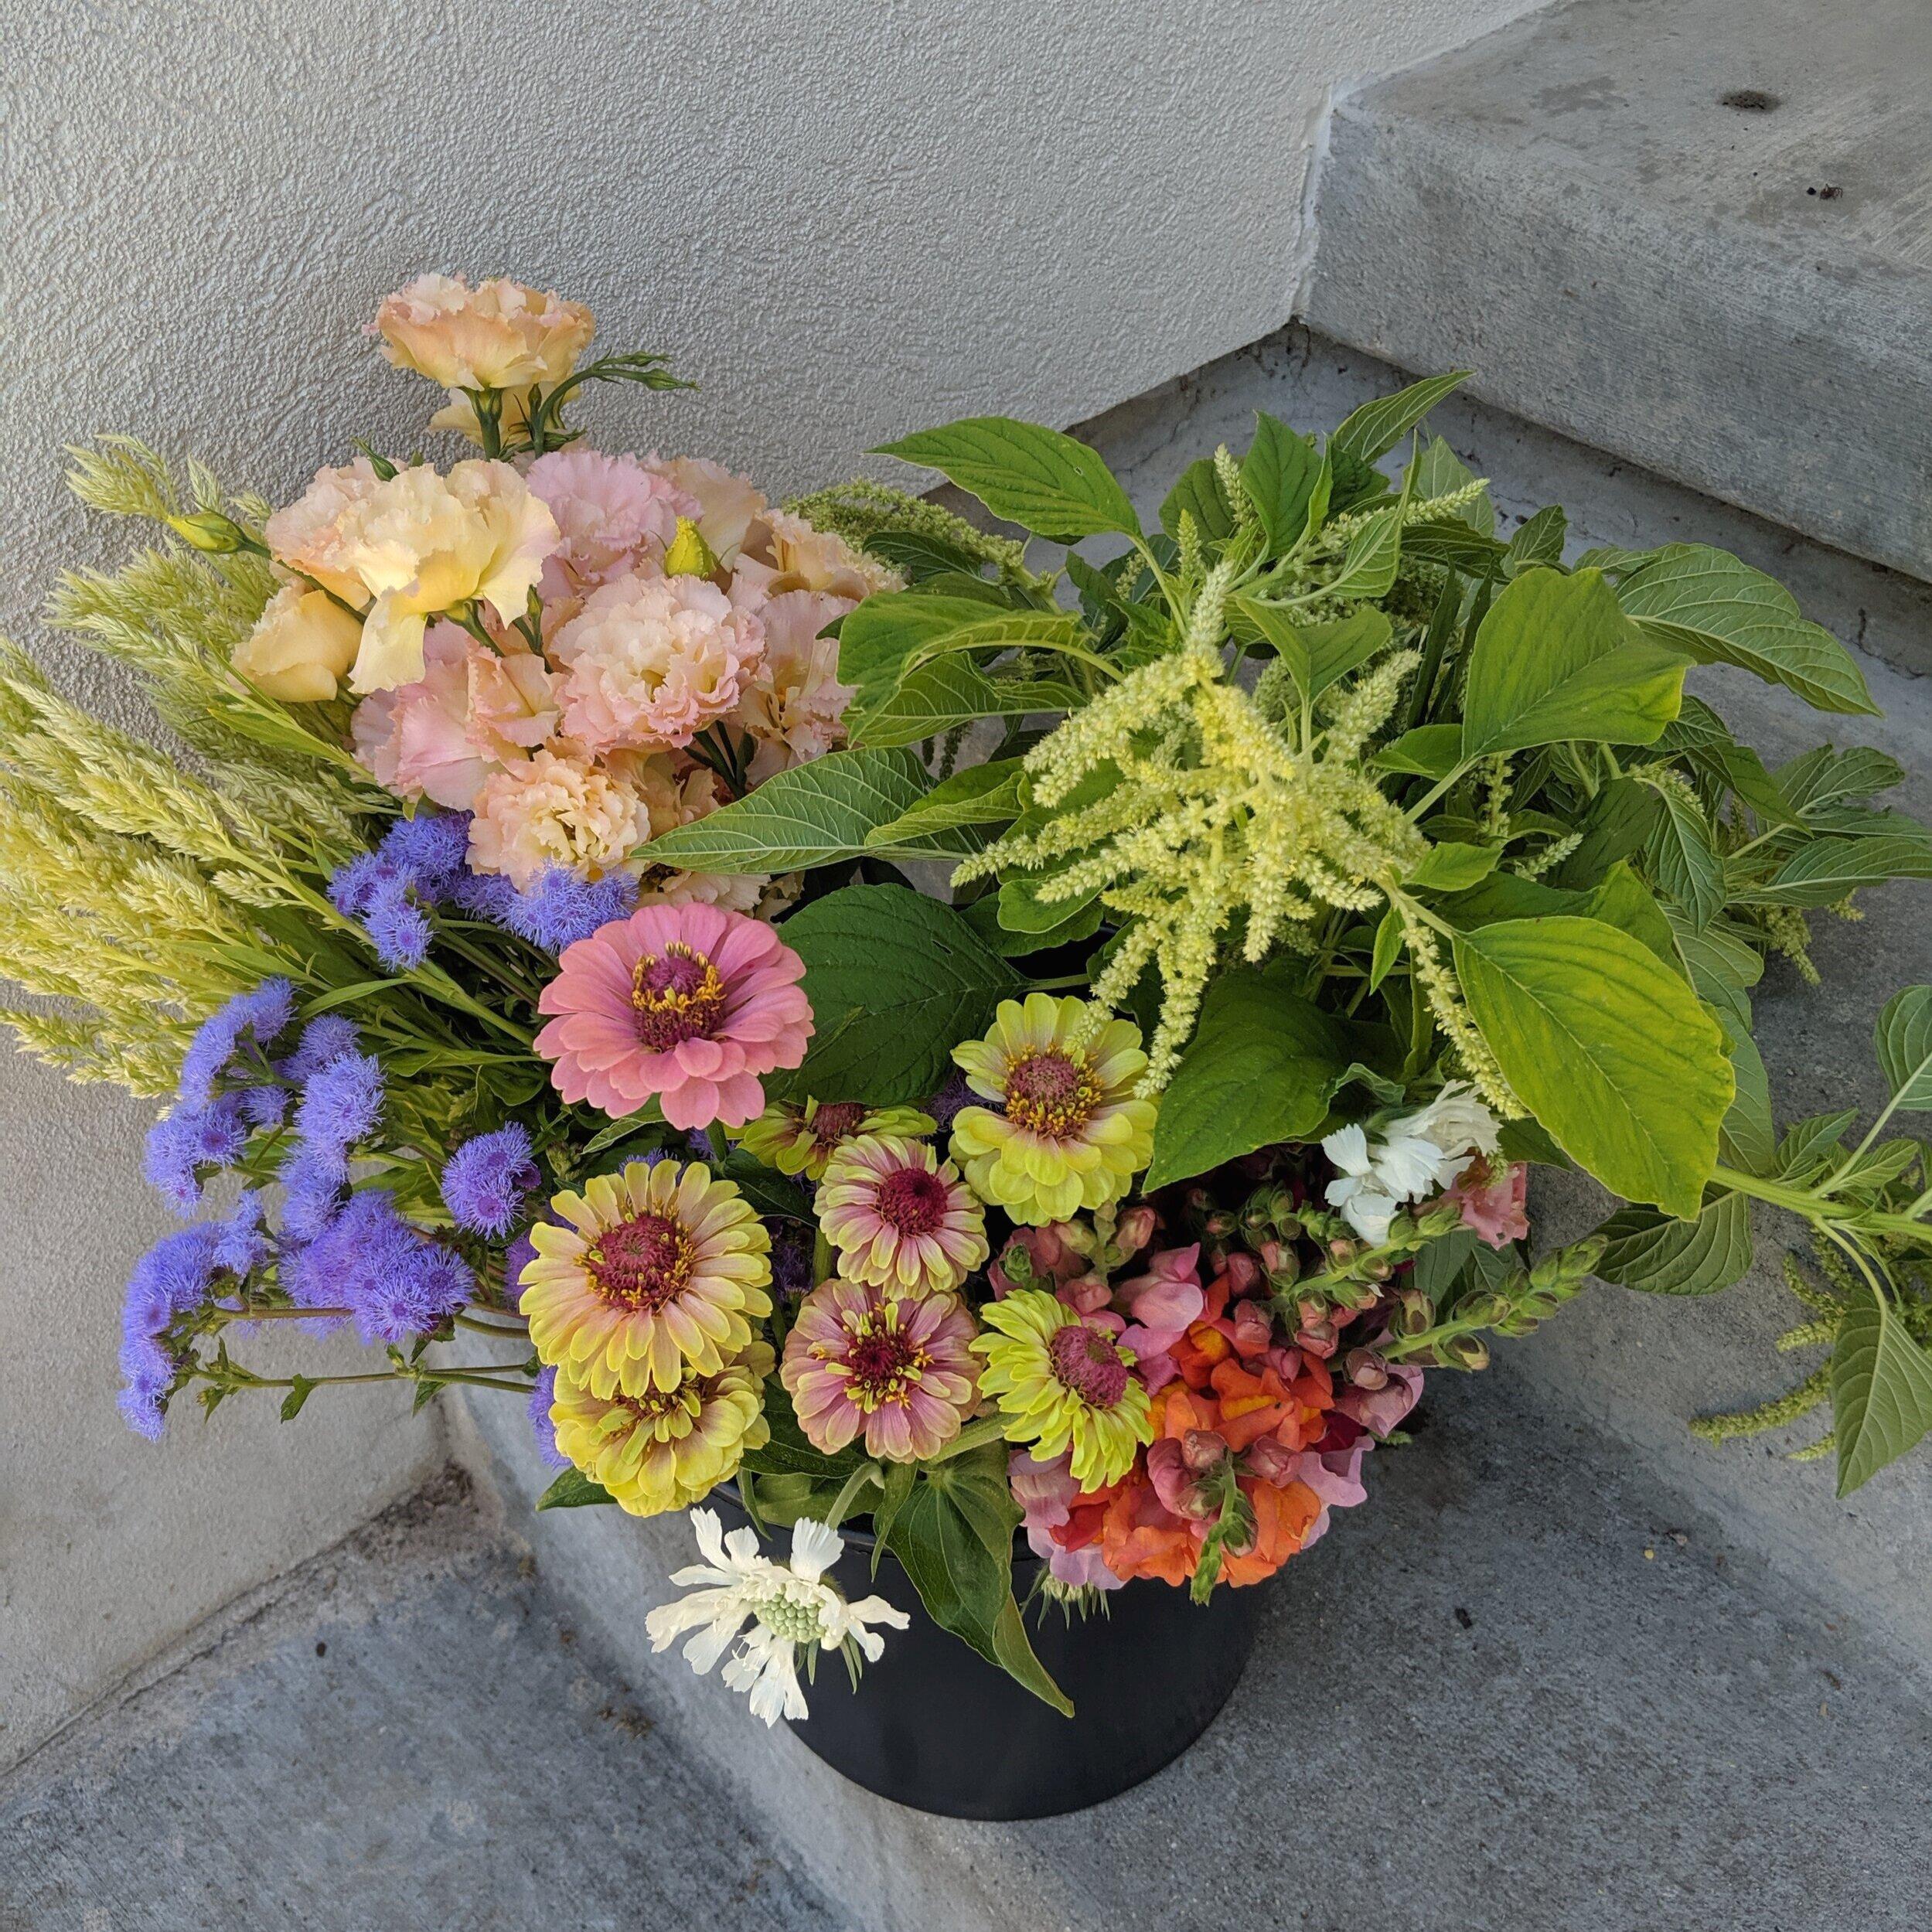 Utah grown flowers